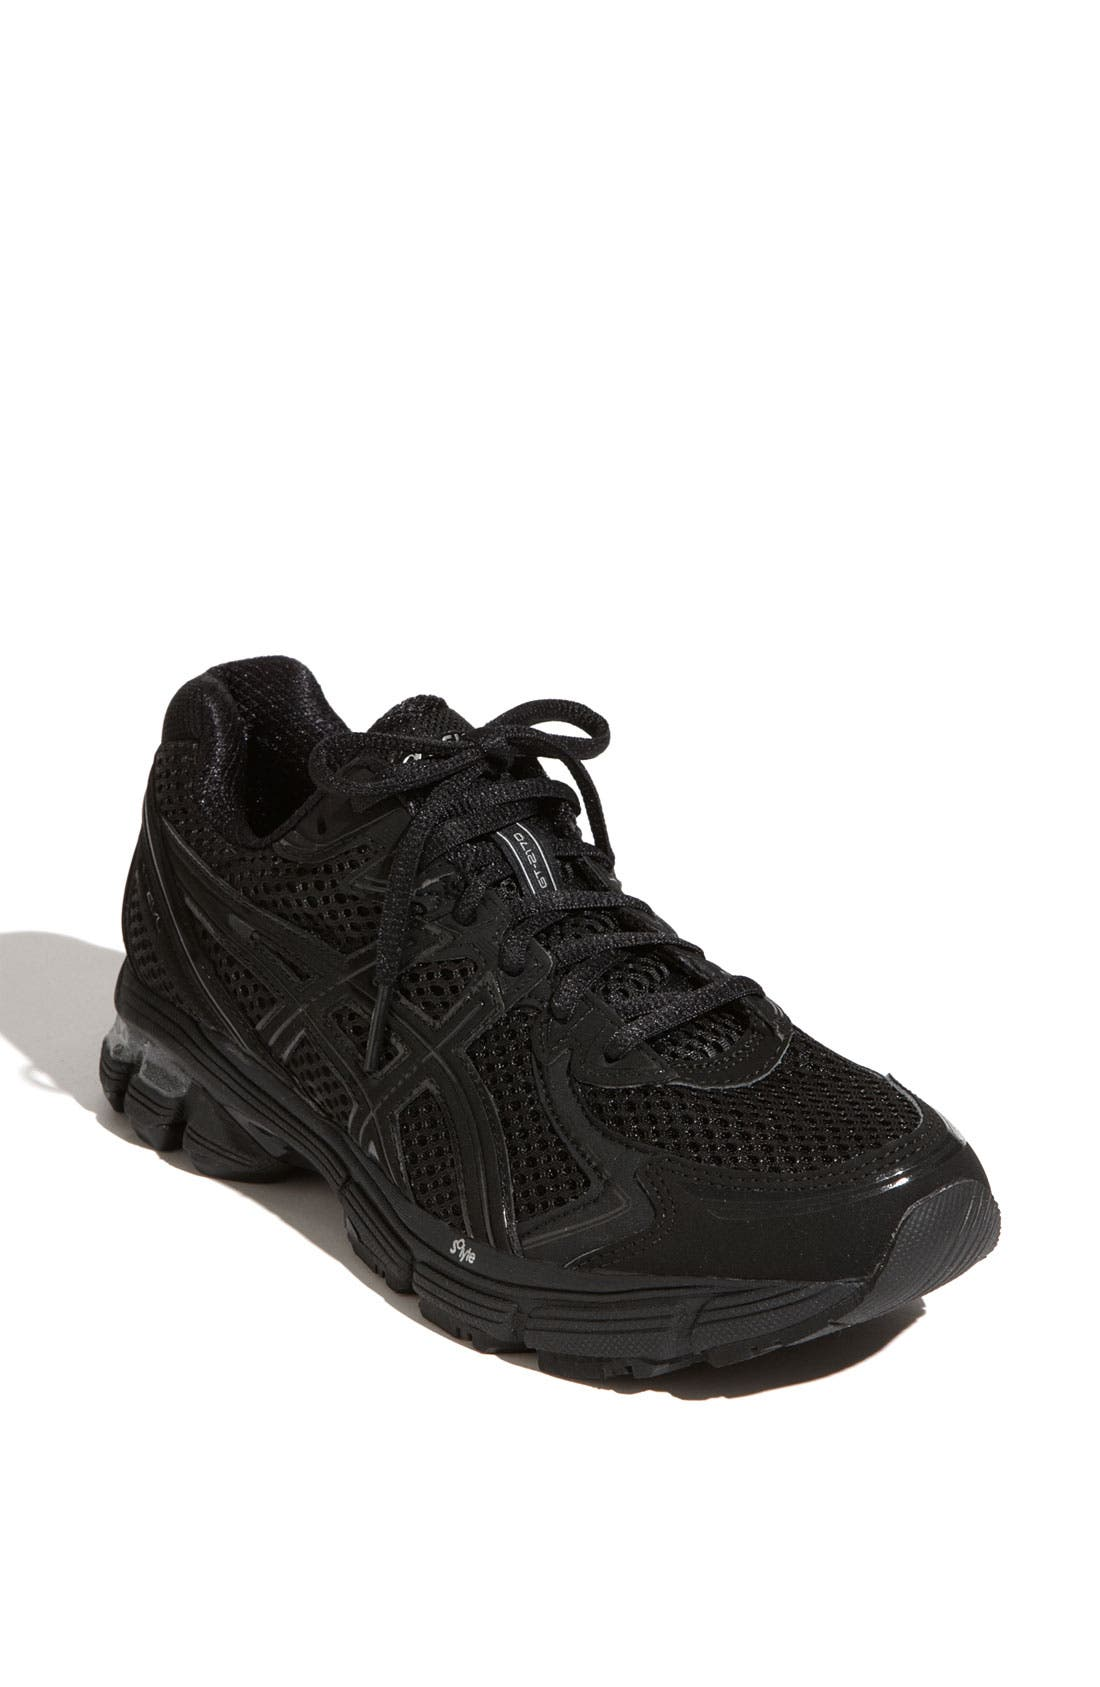 Main Image - ASICS® 'GT 2170' Running Shoe (Men)